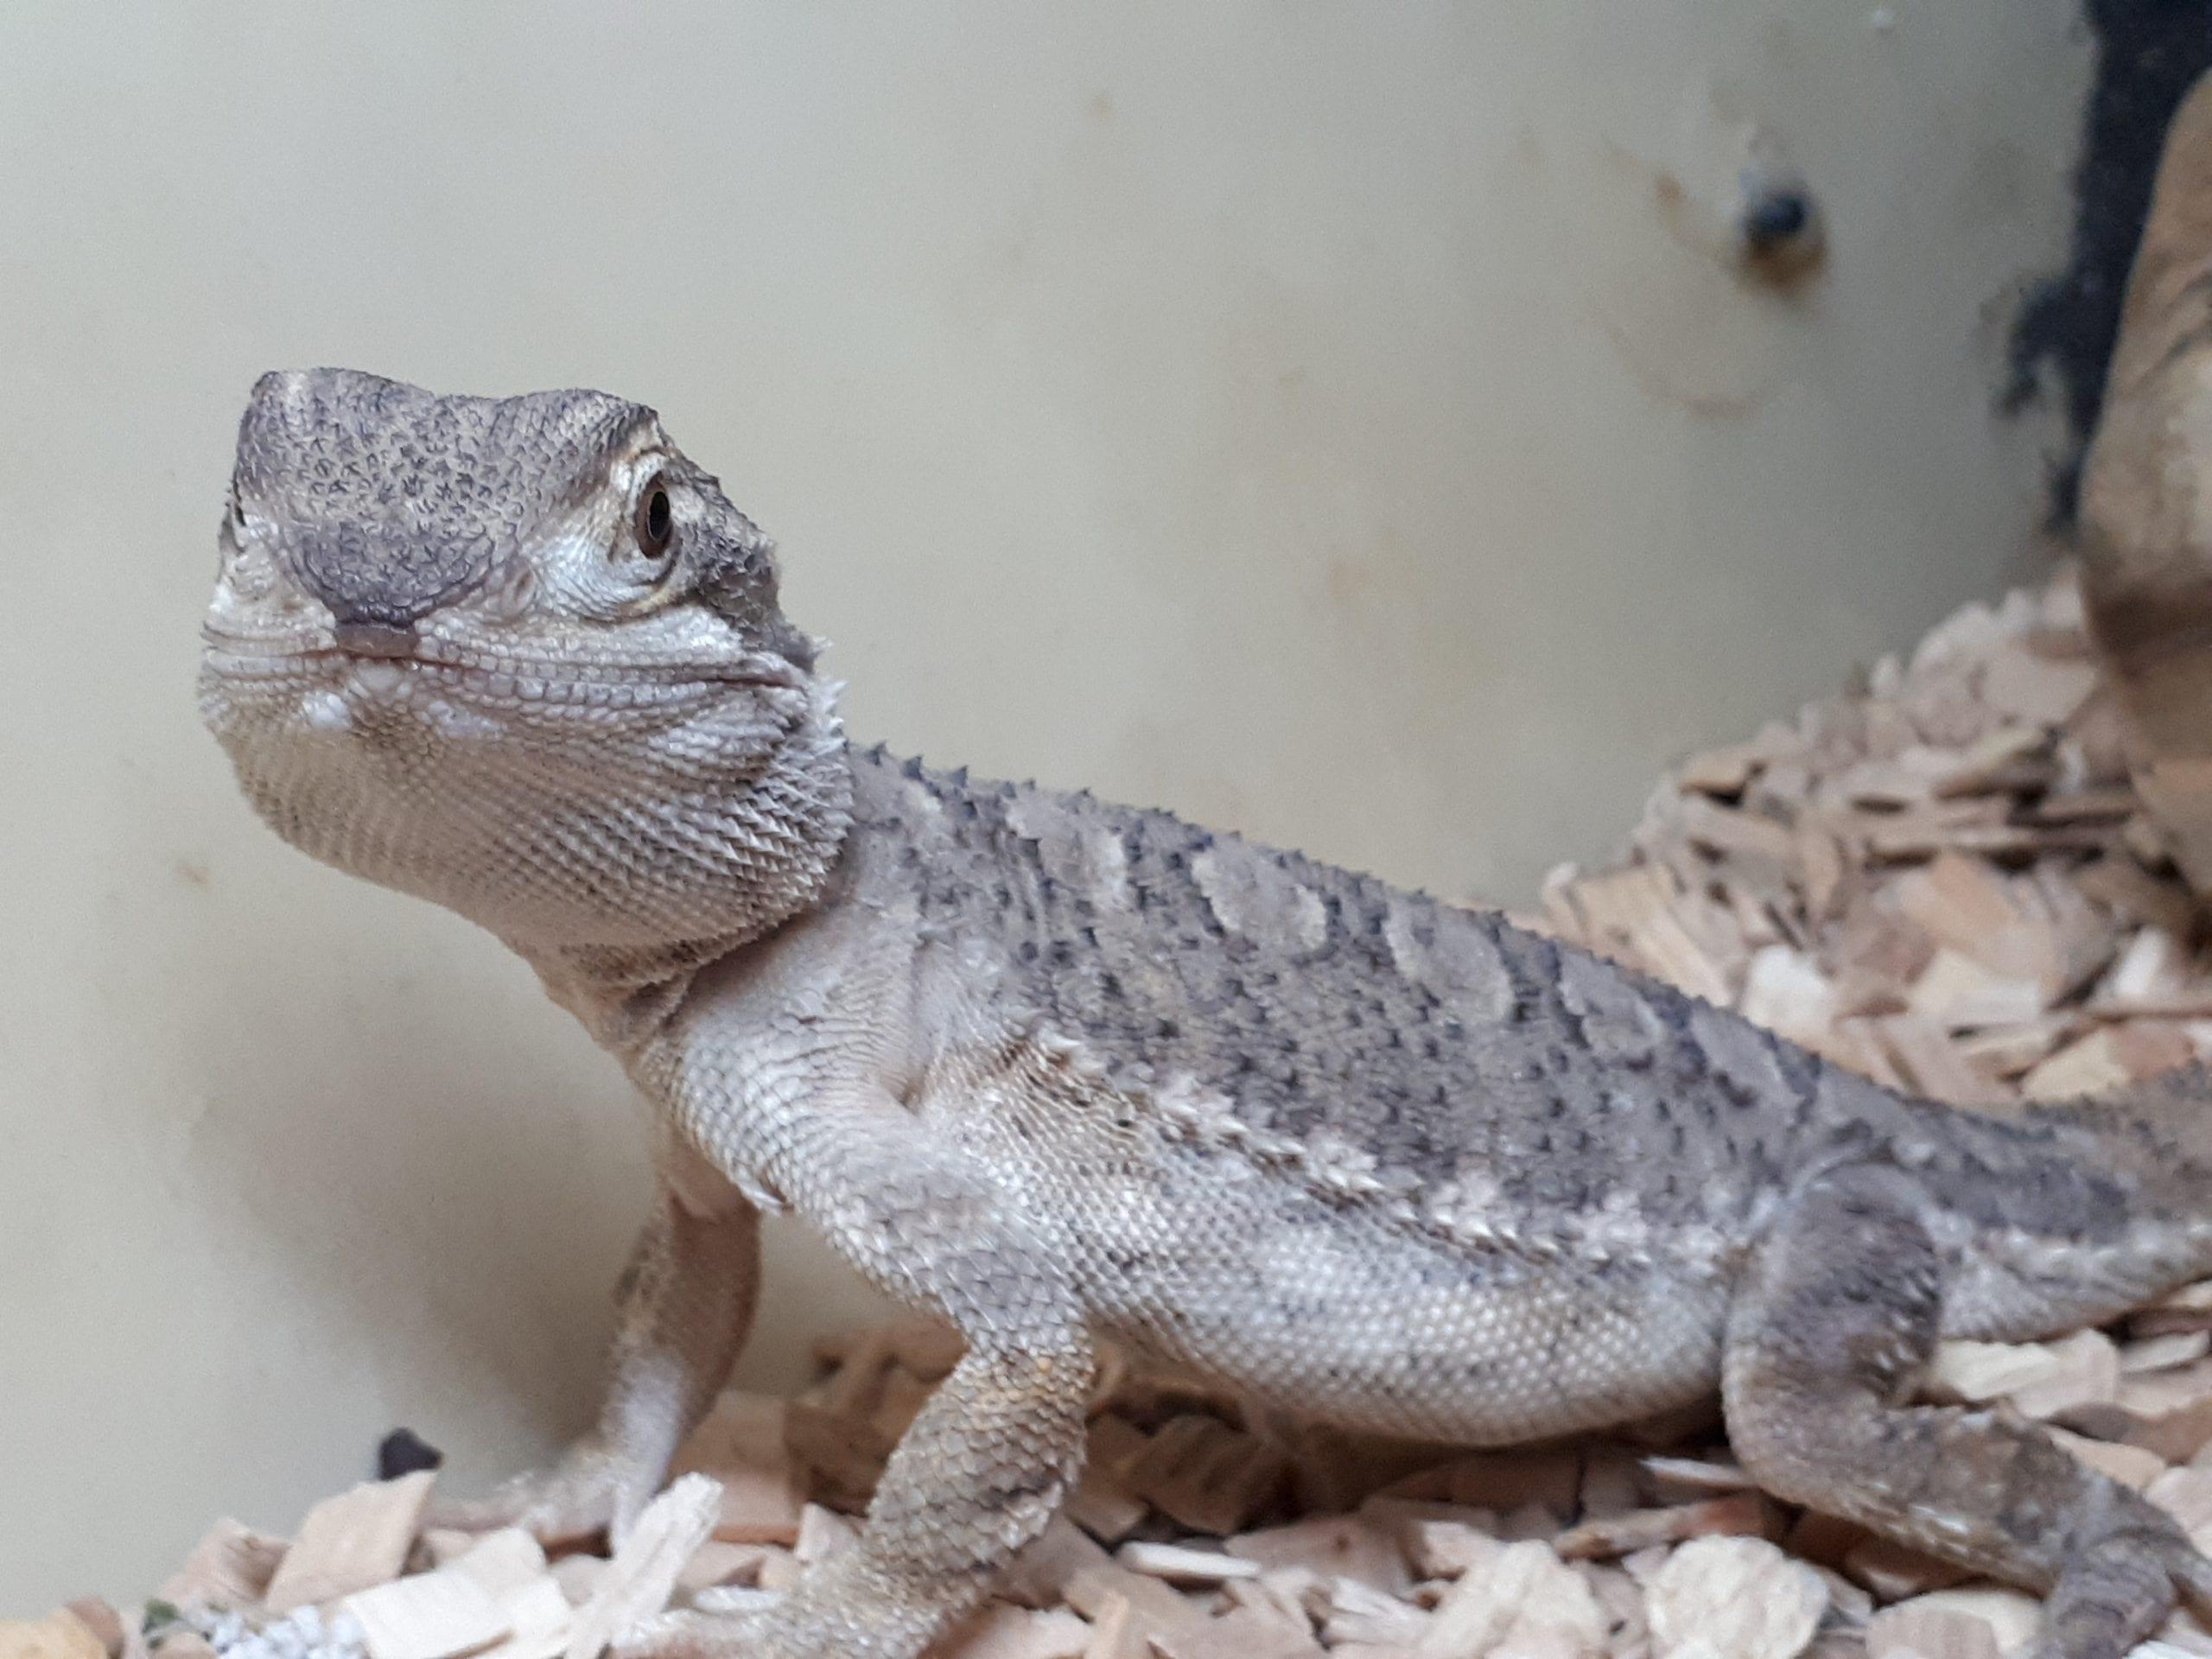 Rankin Dragon CB (Pogona henrylawsoni) Image